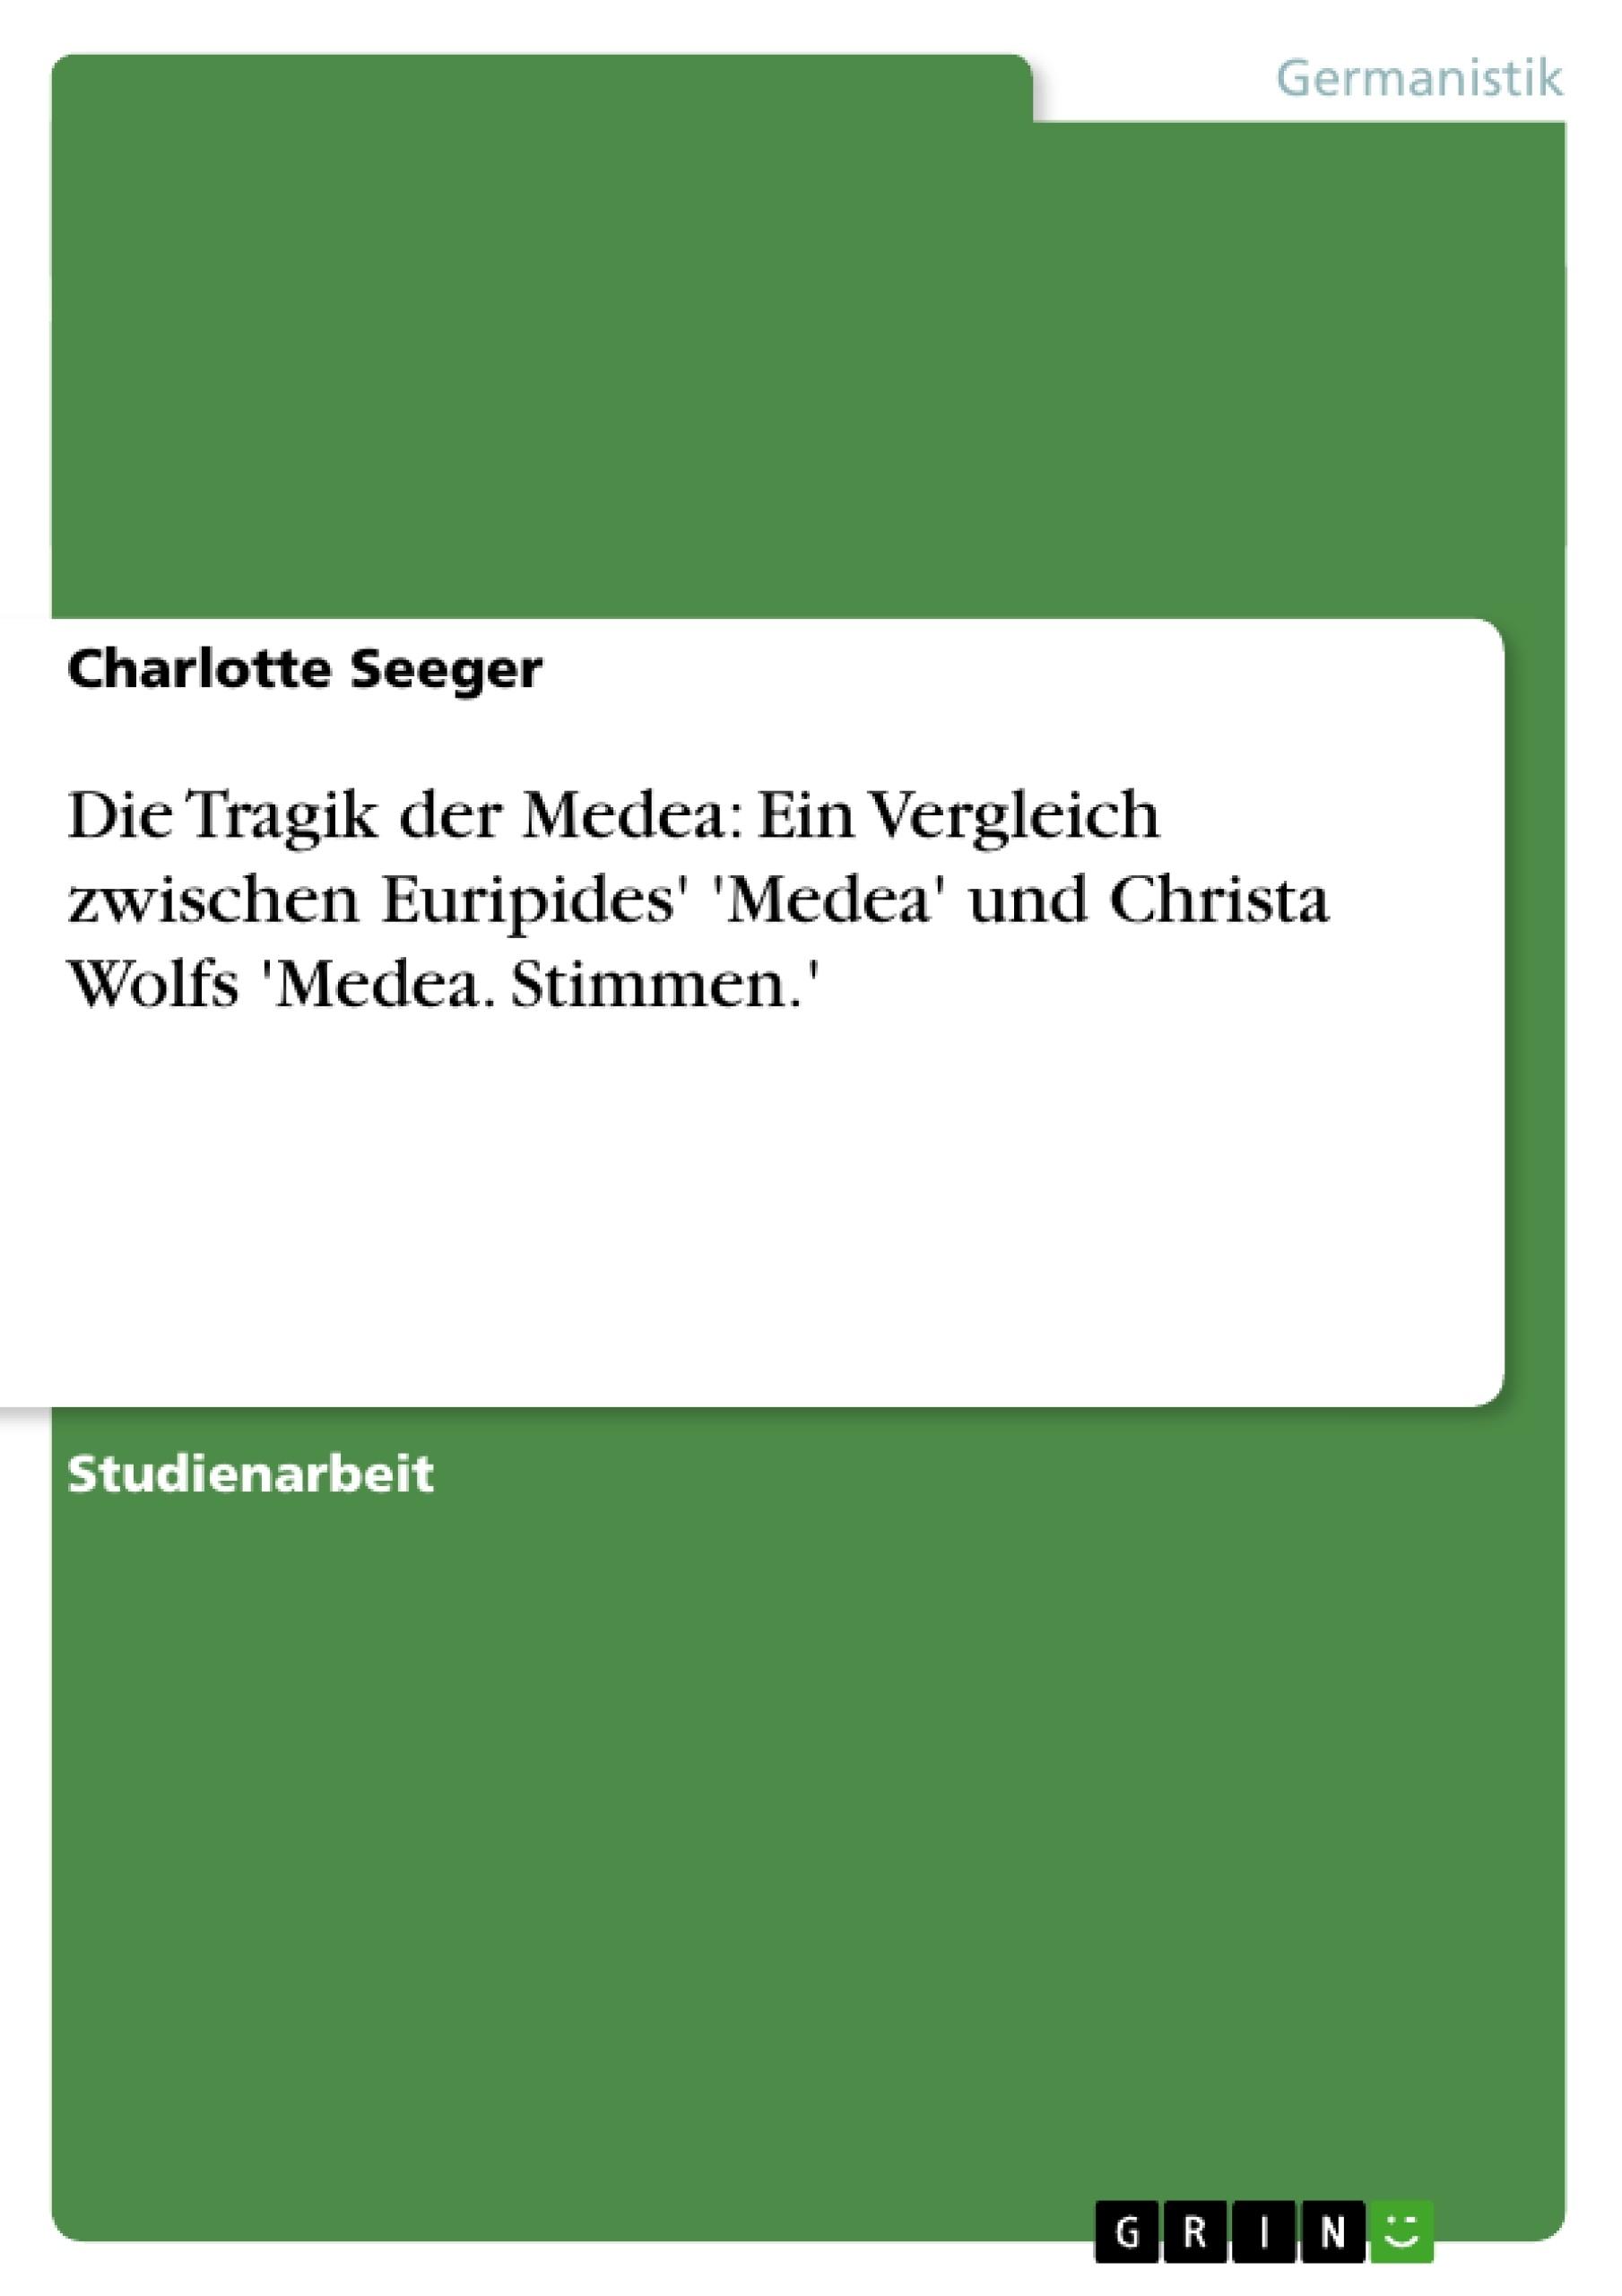 Titel: Die Tragik der Medea: Ein Vergleich zwischen Euripides' 'Medea' und Christa Wolfs 'Medea. Stimmen.'